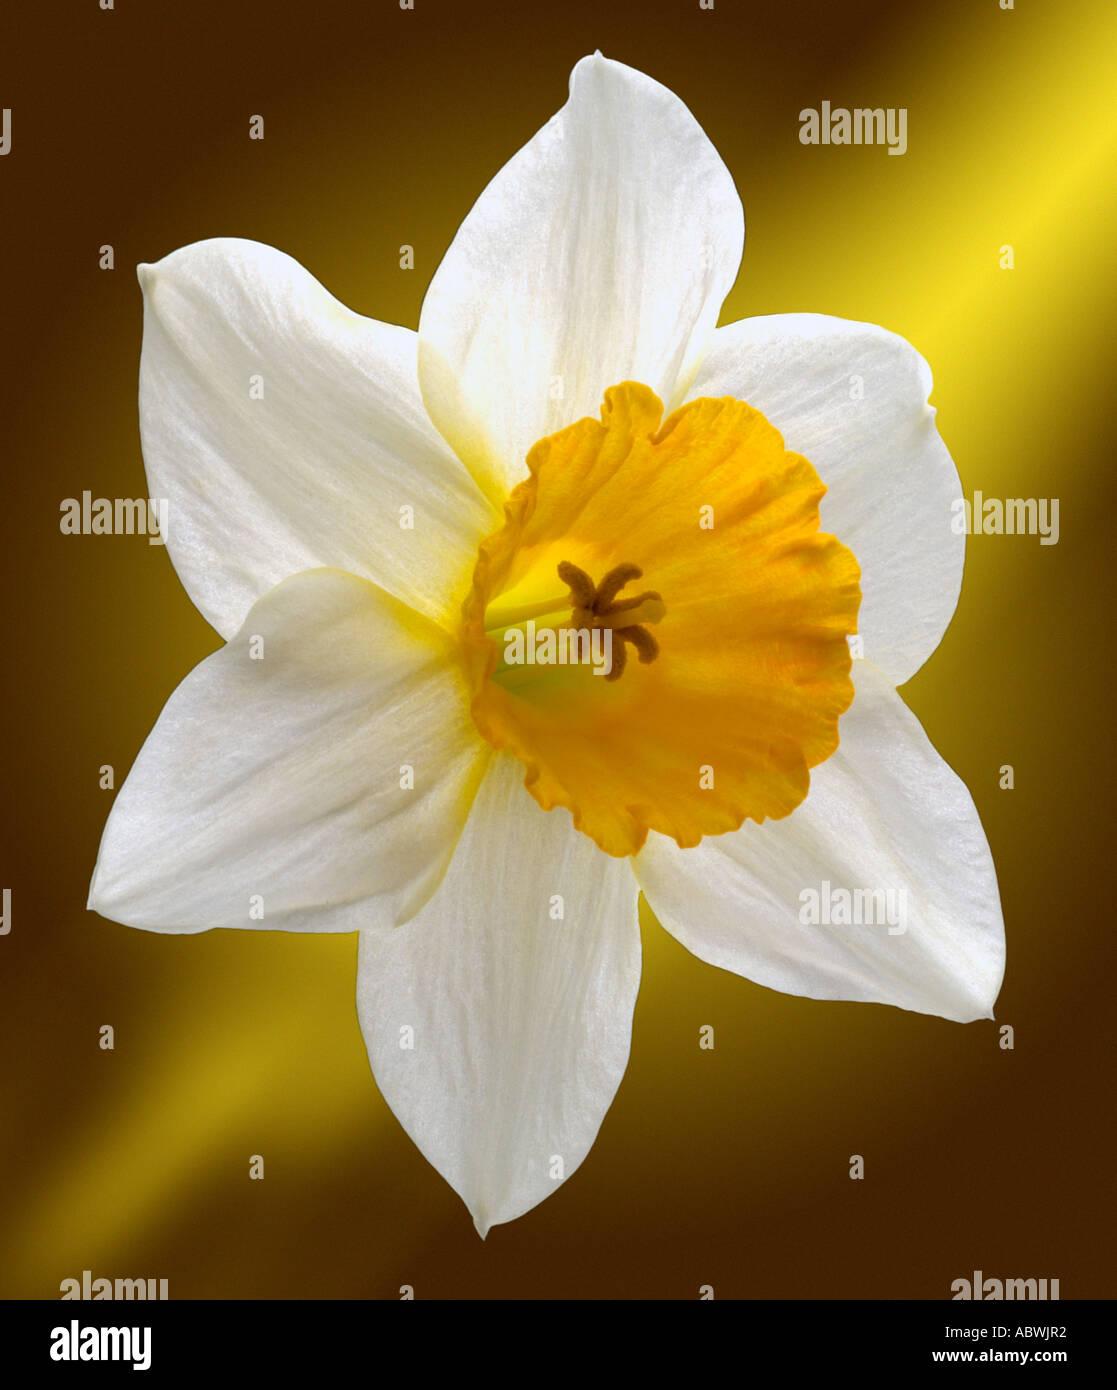 La jonquille narcissus fleurs blanches au début du printemps première close up emblématique de l'atmosphère pittoresque paysage voyage moody classic Banque D'Images